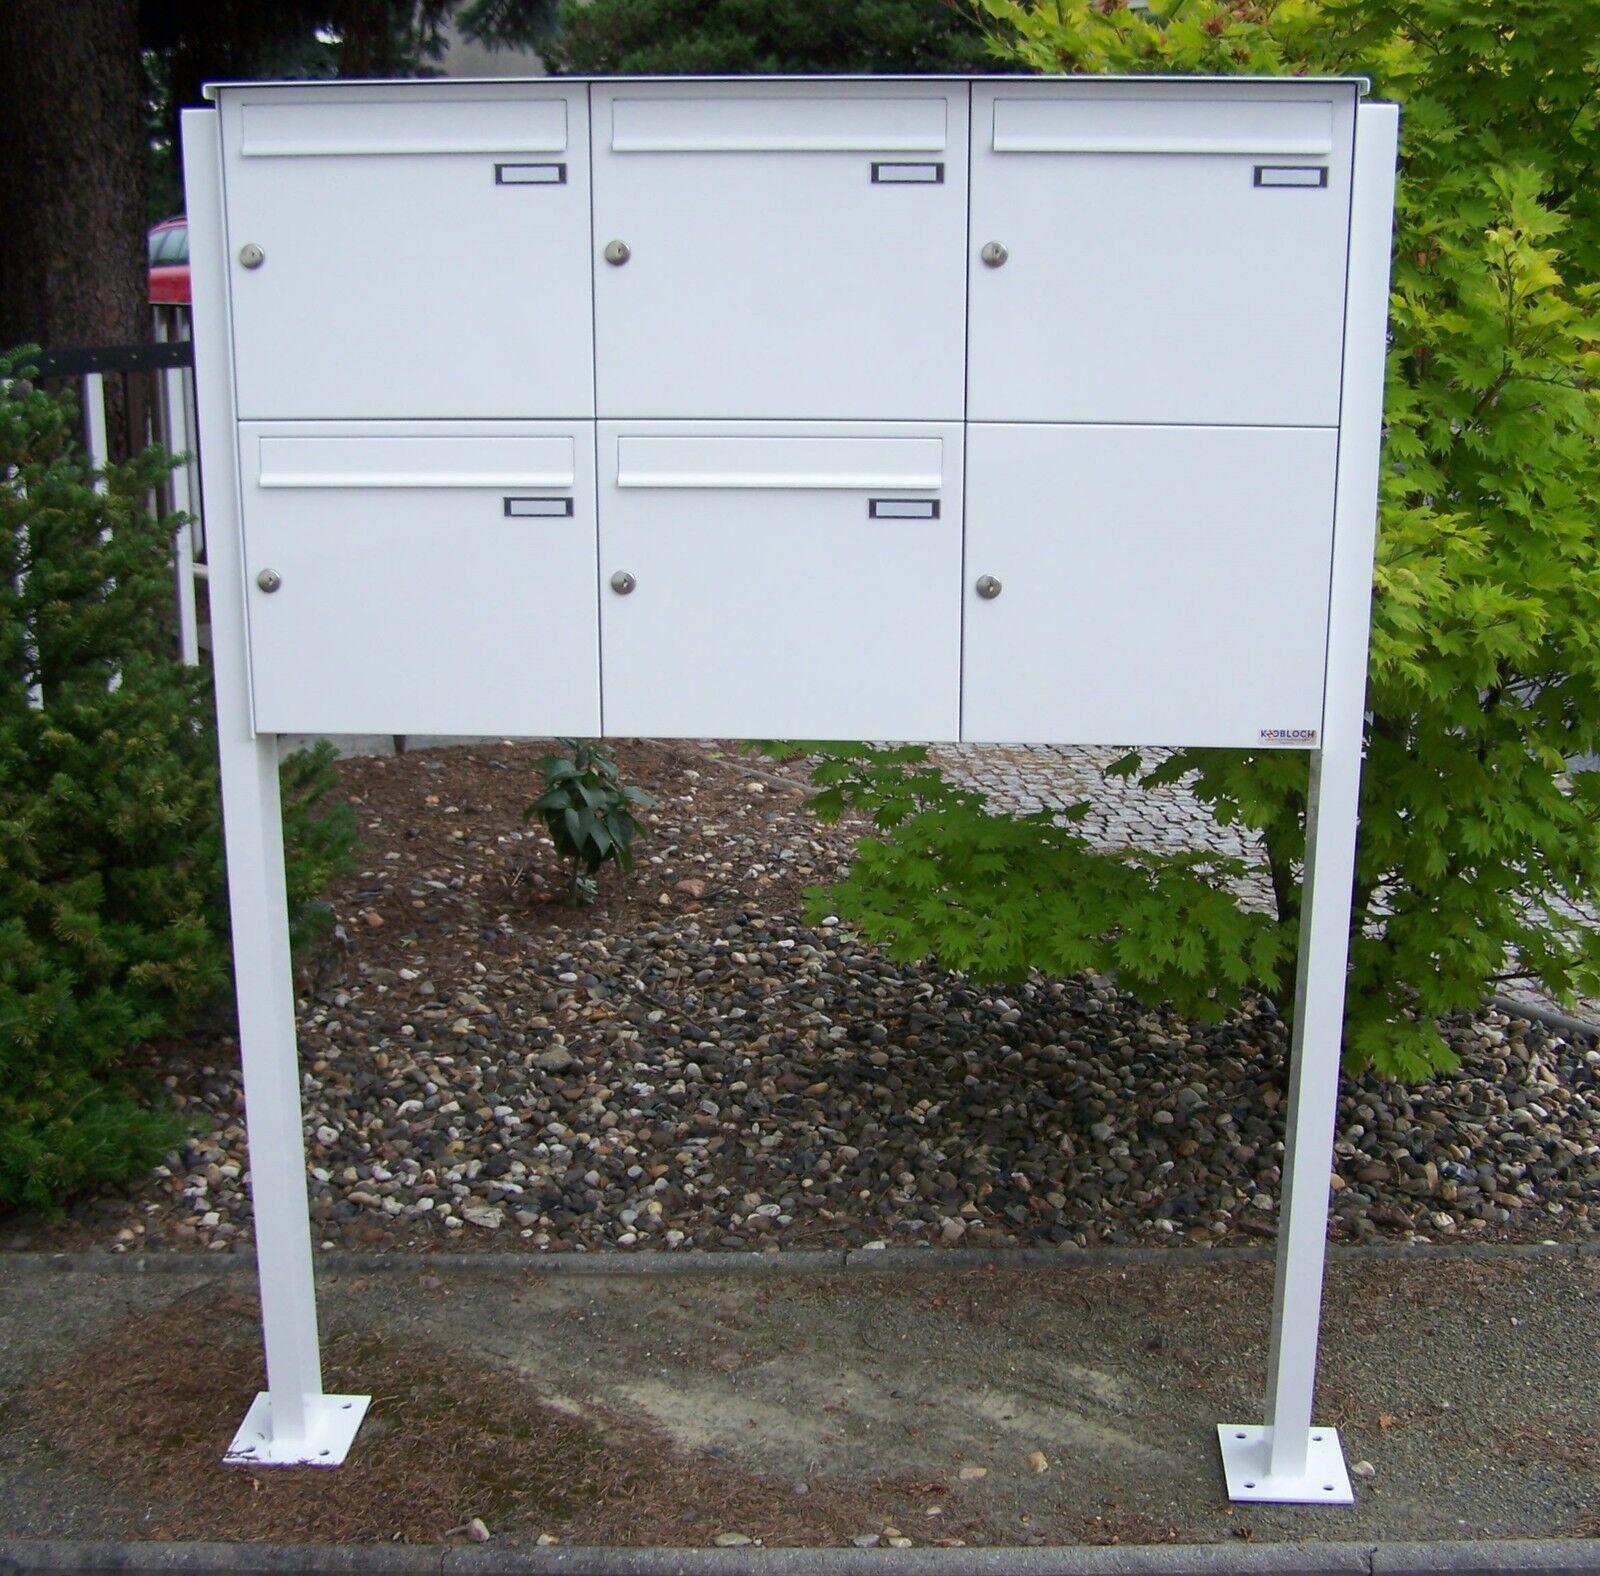 Stand Briefkasten anlage 5 er freistehend Fußplatten Wohnhaus Farbe o. VA FAH179